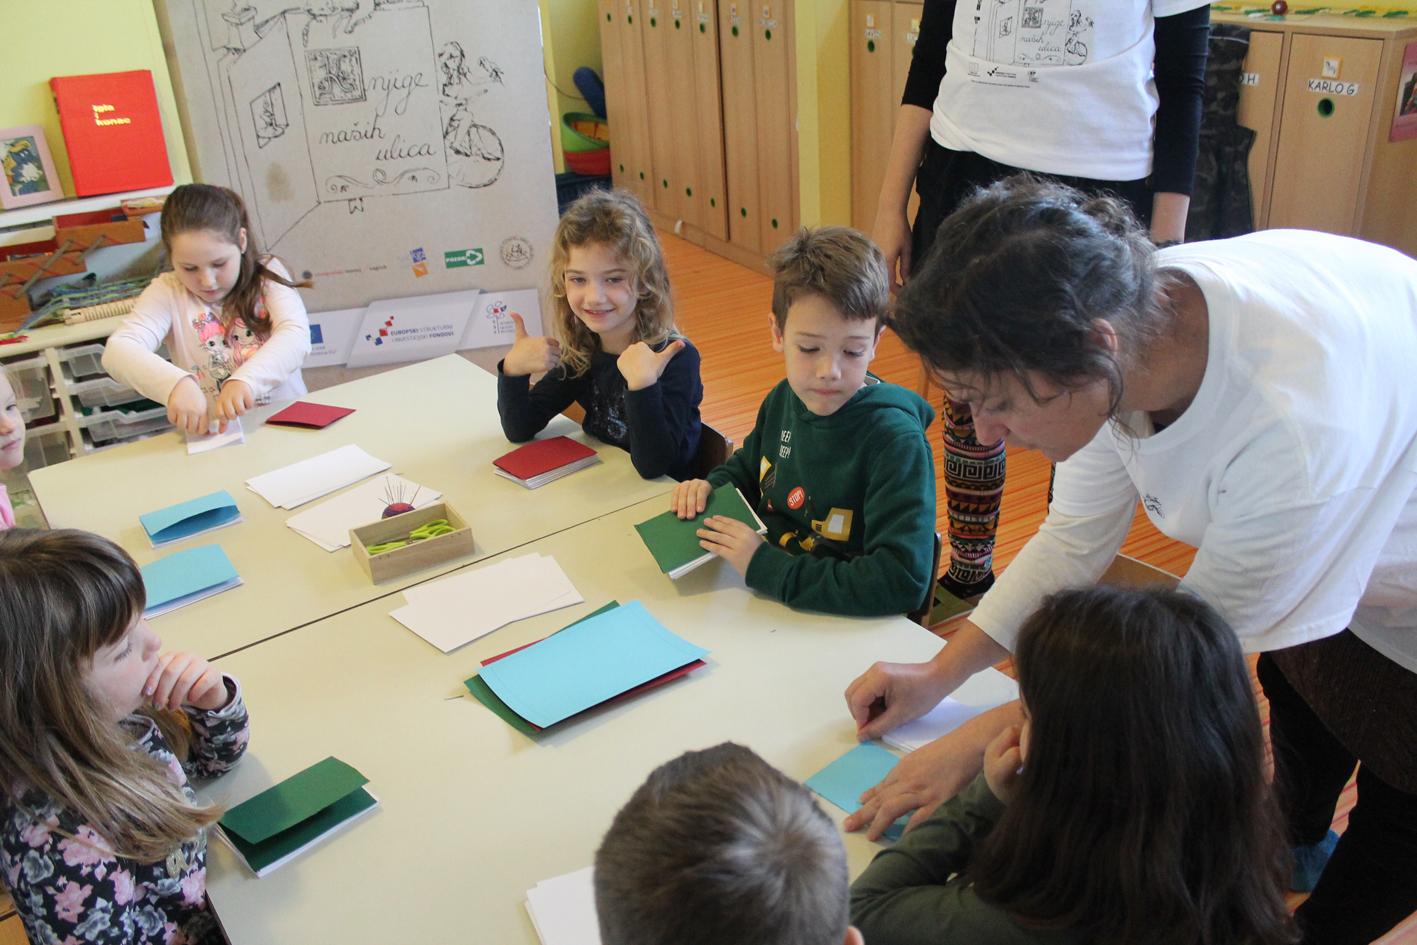 Knjige na dlanu – radionica izrade knjiga za predškolsku djecu